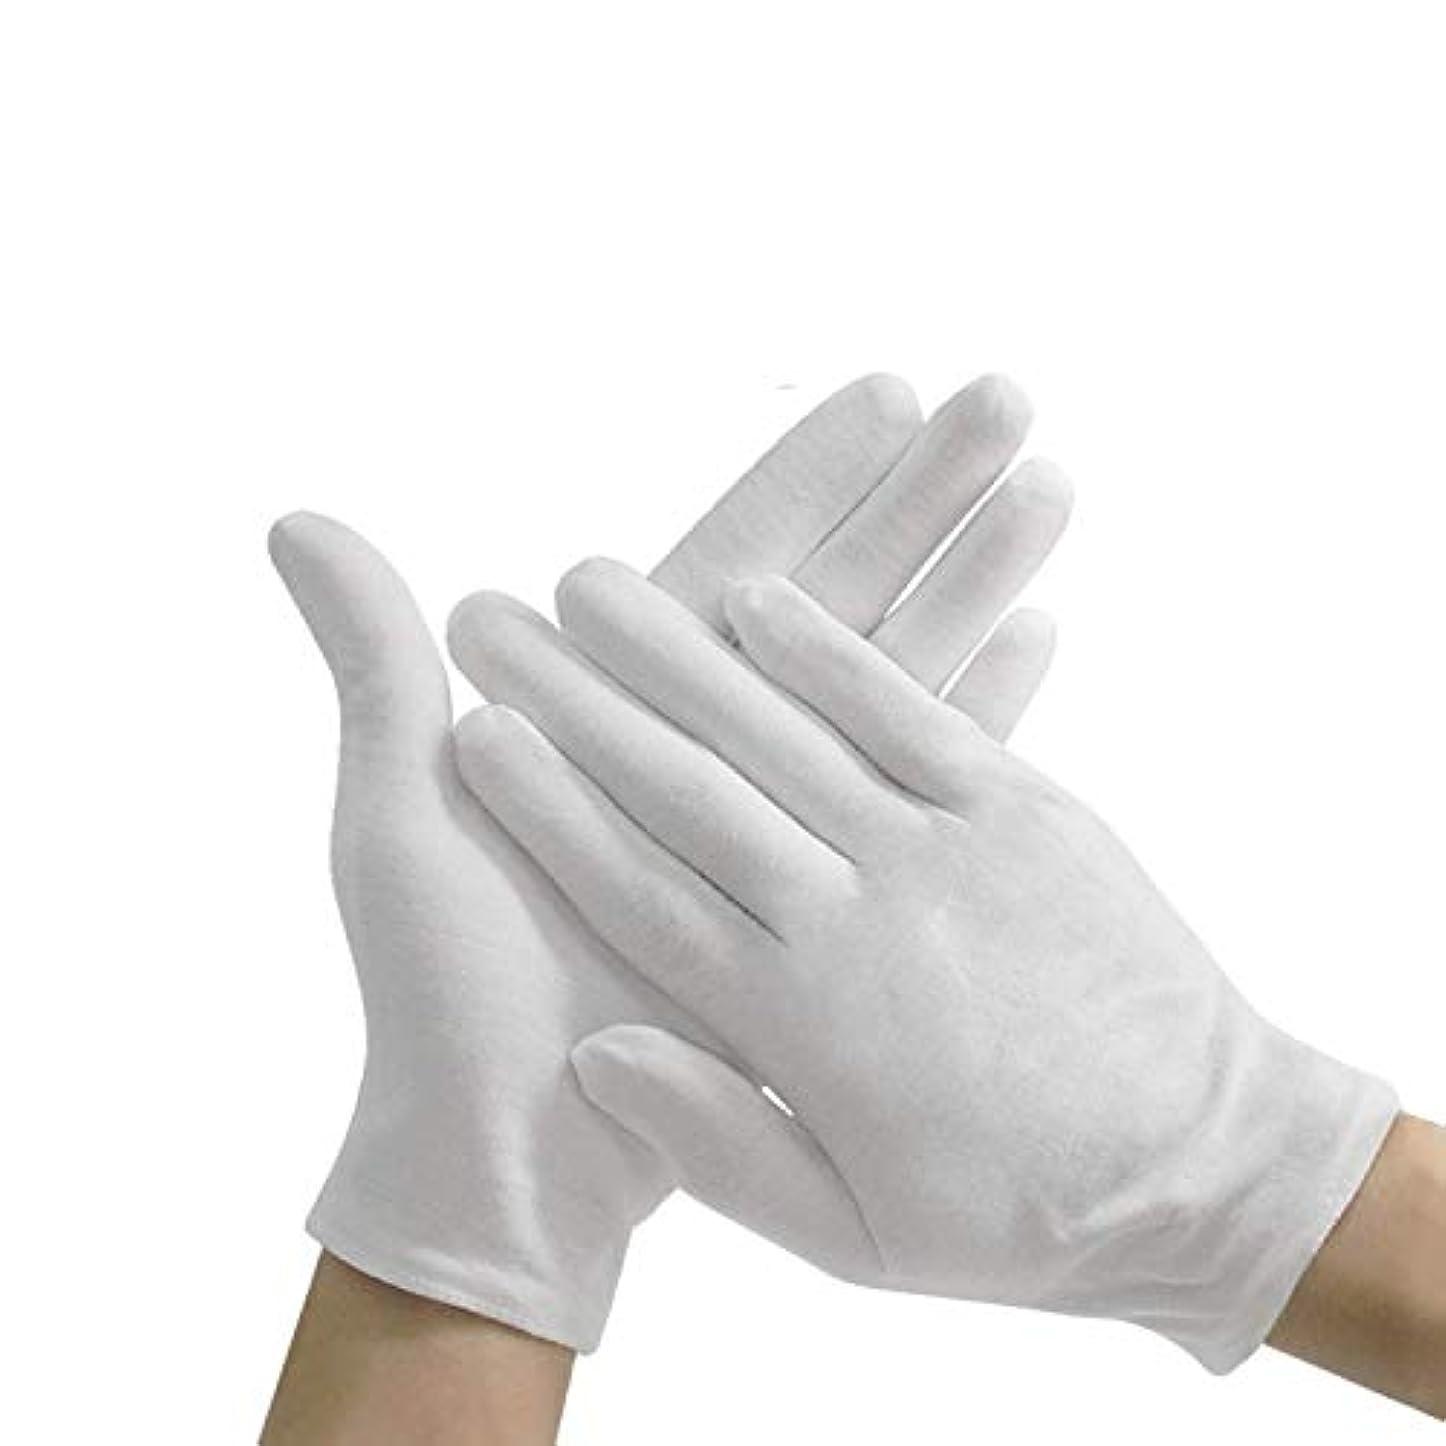 普通の溶融雑多なコットン手袋 純綿100%耐久性が強い上に軽く高品質伸縮性通気性抜群 白 12双組